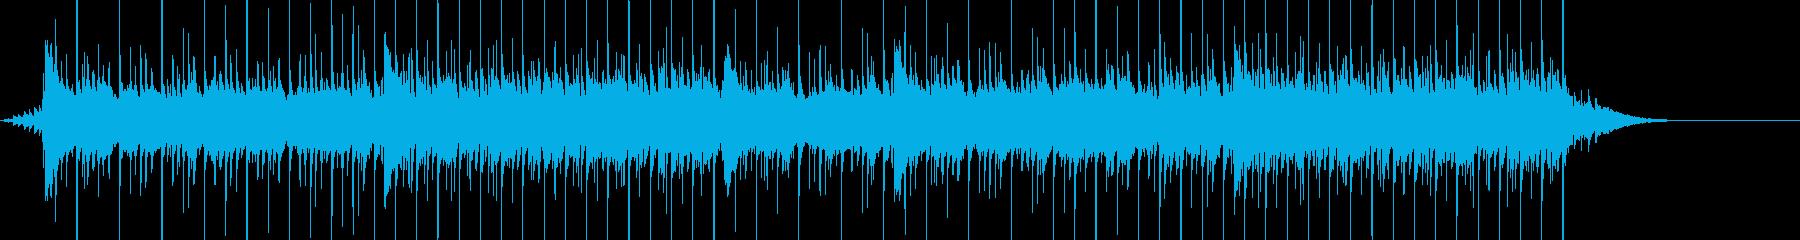 楽しく可愛らしいクリスマスクラシックの再生済みの波形